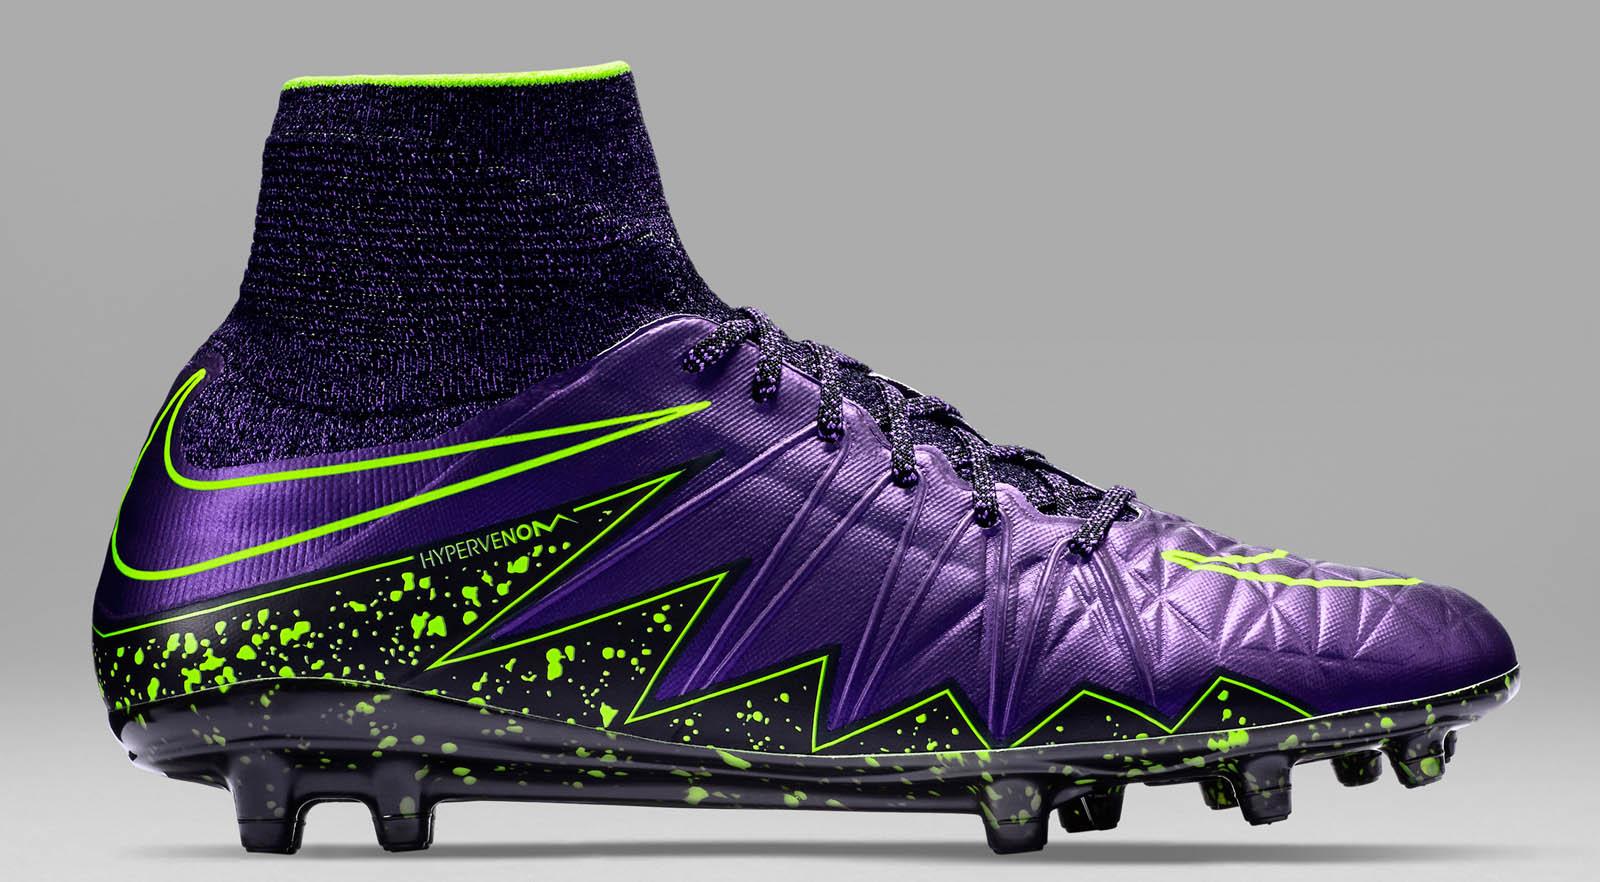 Purple Nike Hypervenom 2 2015-2016 Boots Released - Footy ...